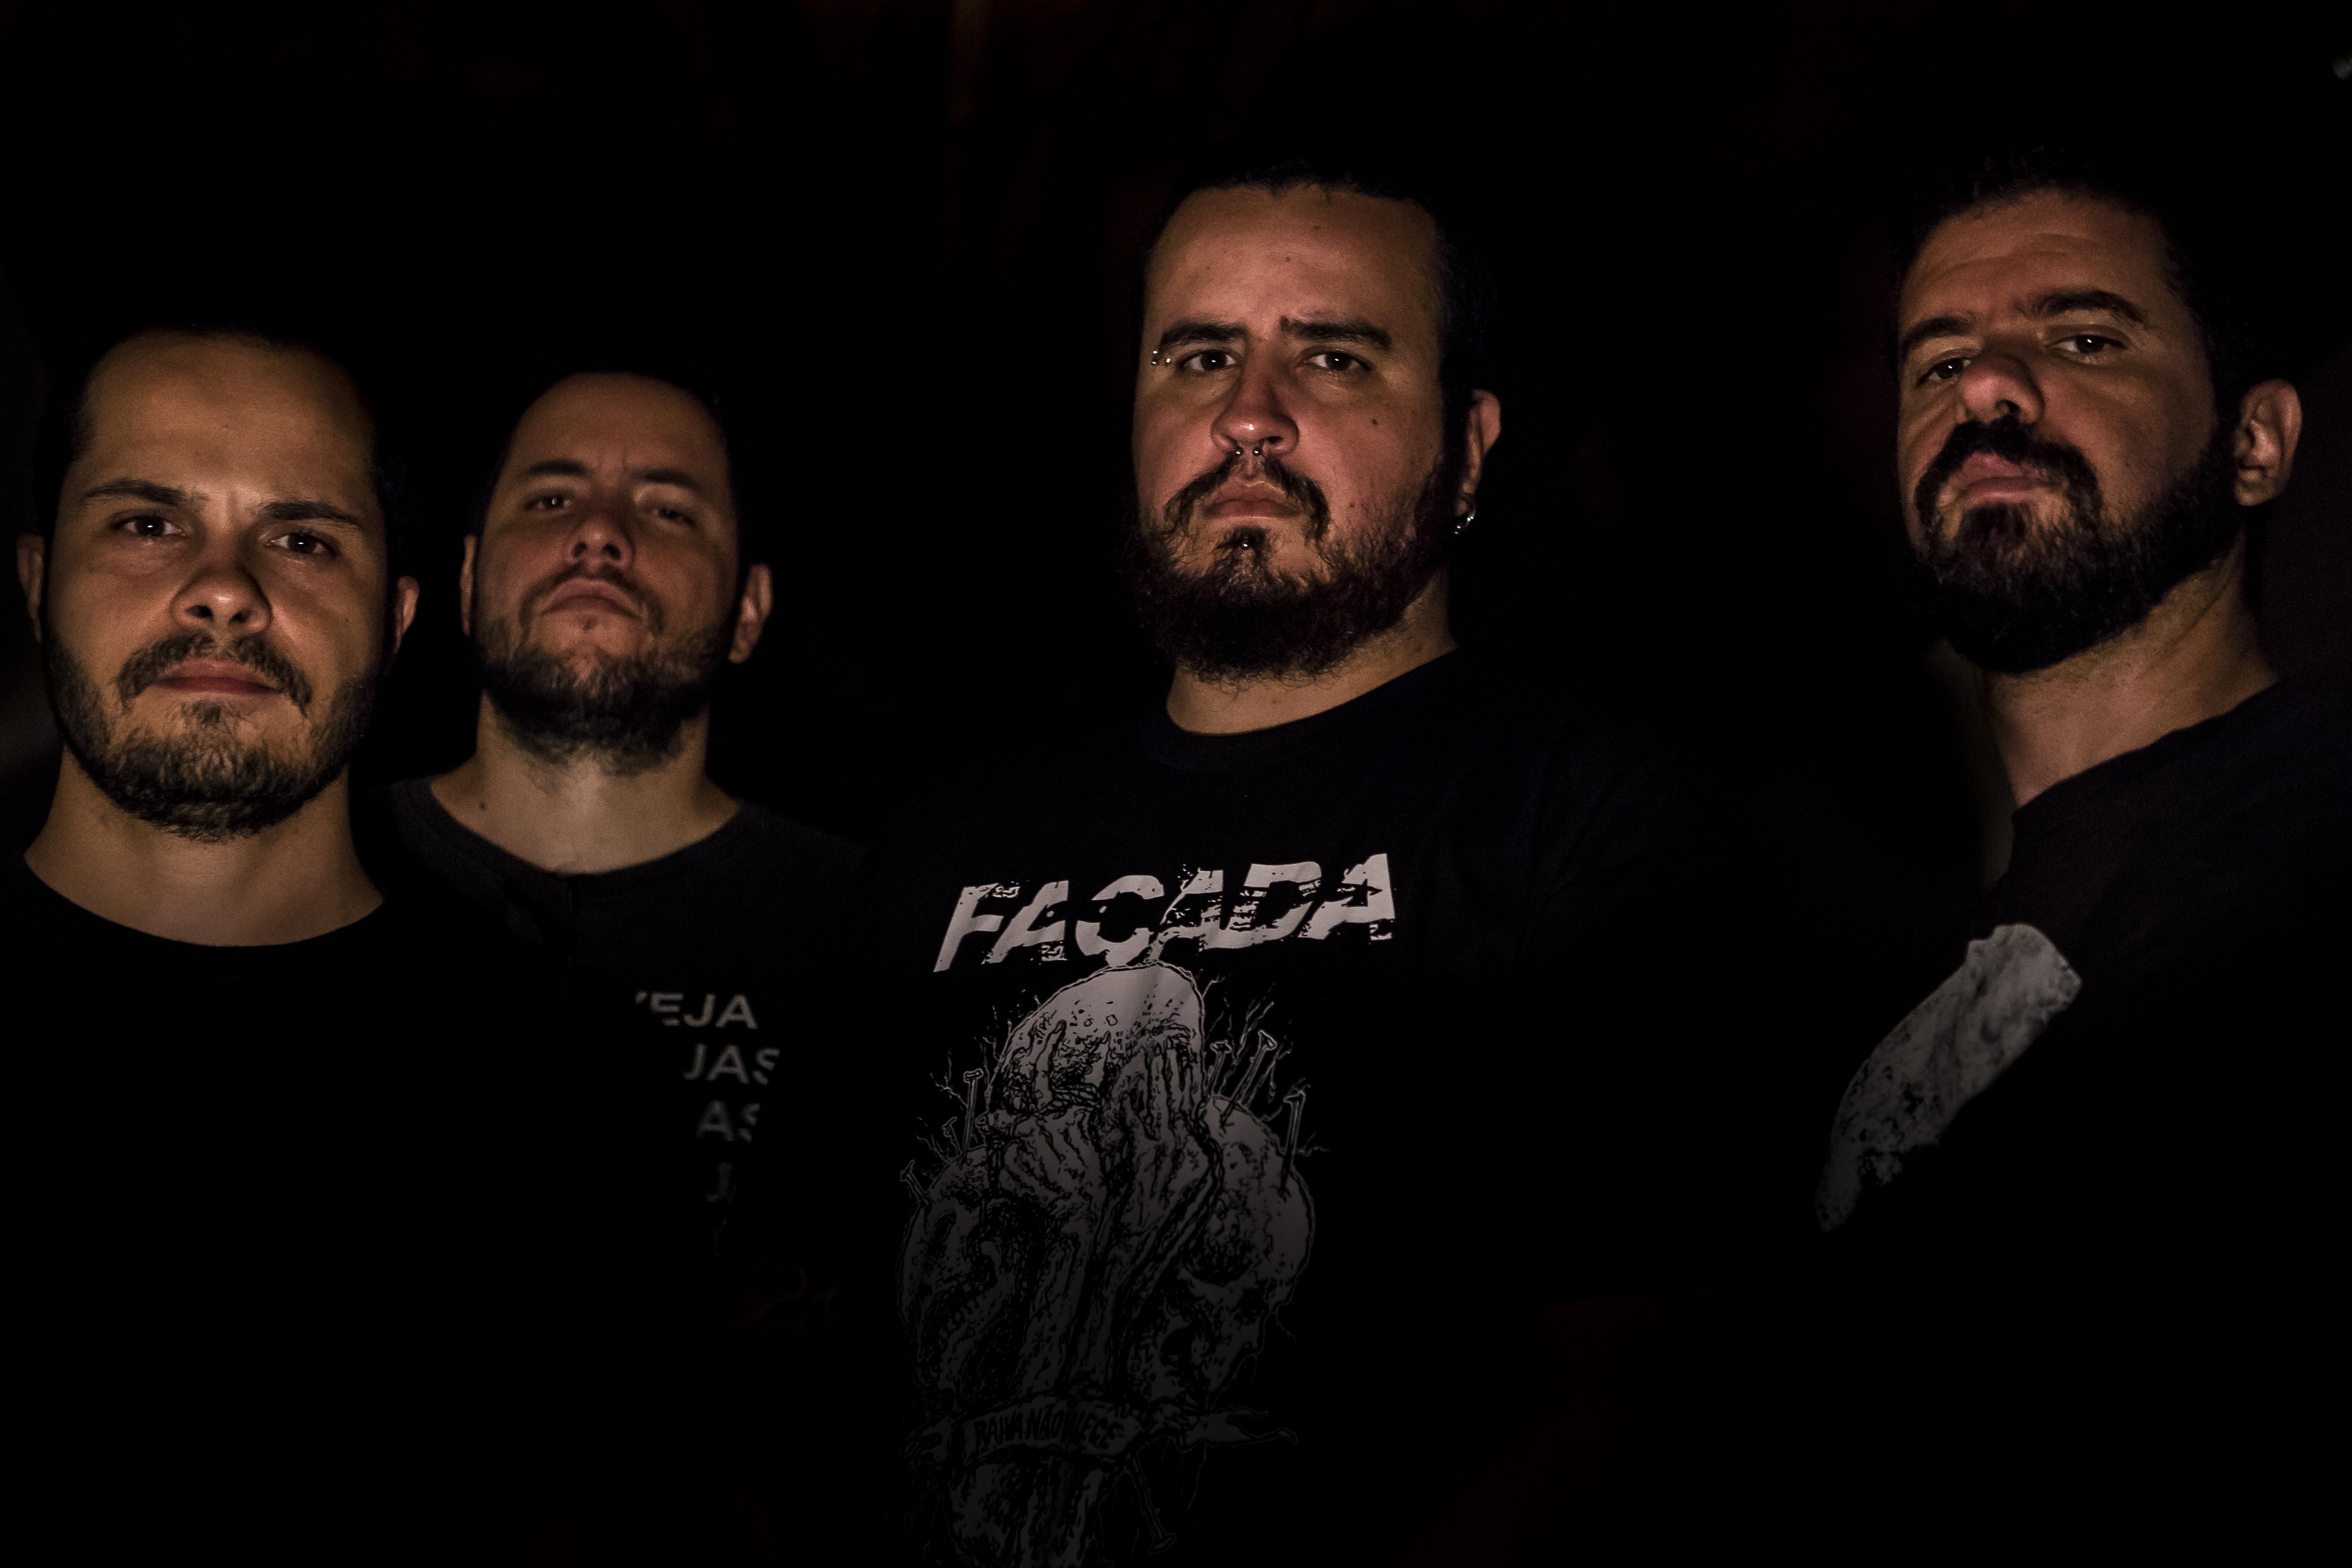 Edição de março do Cidade Rock traz programação pesada com bandas de thrash metal e grindcore